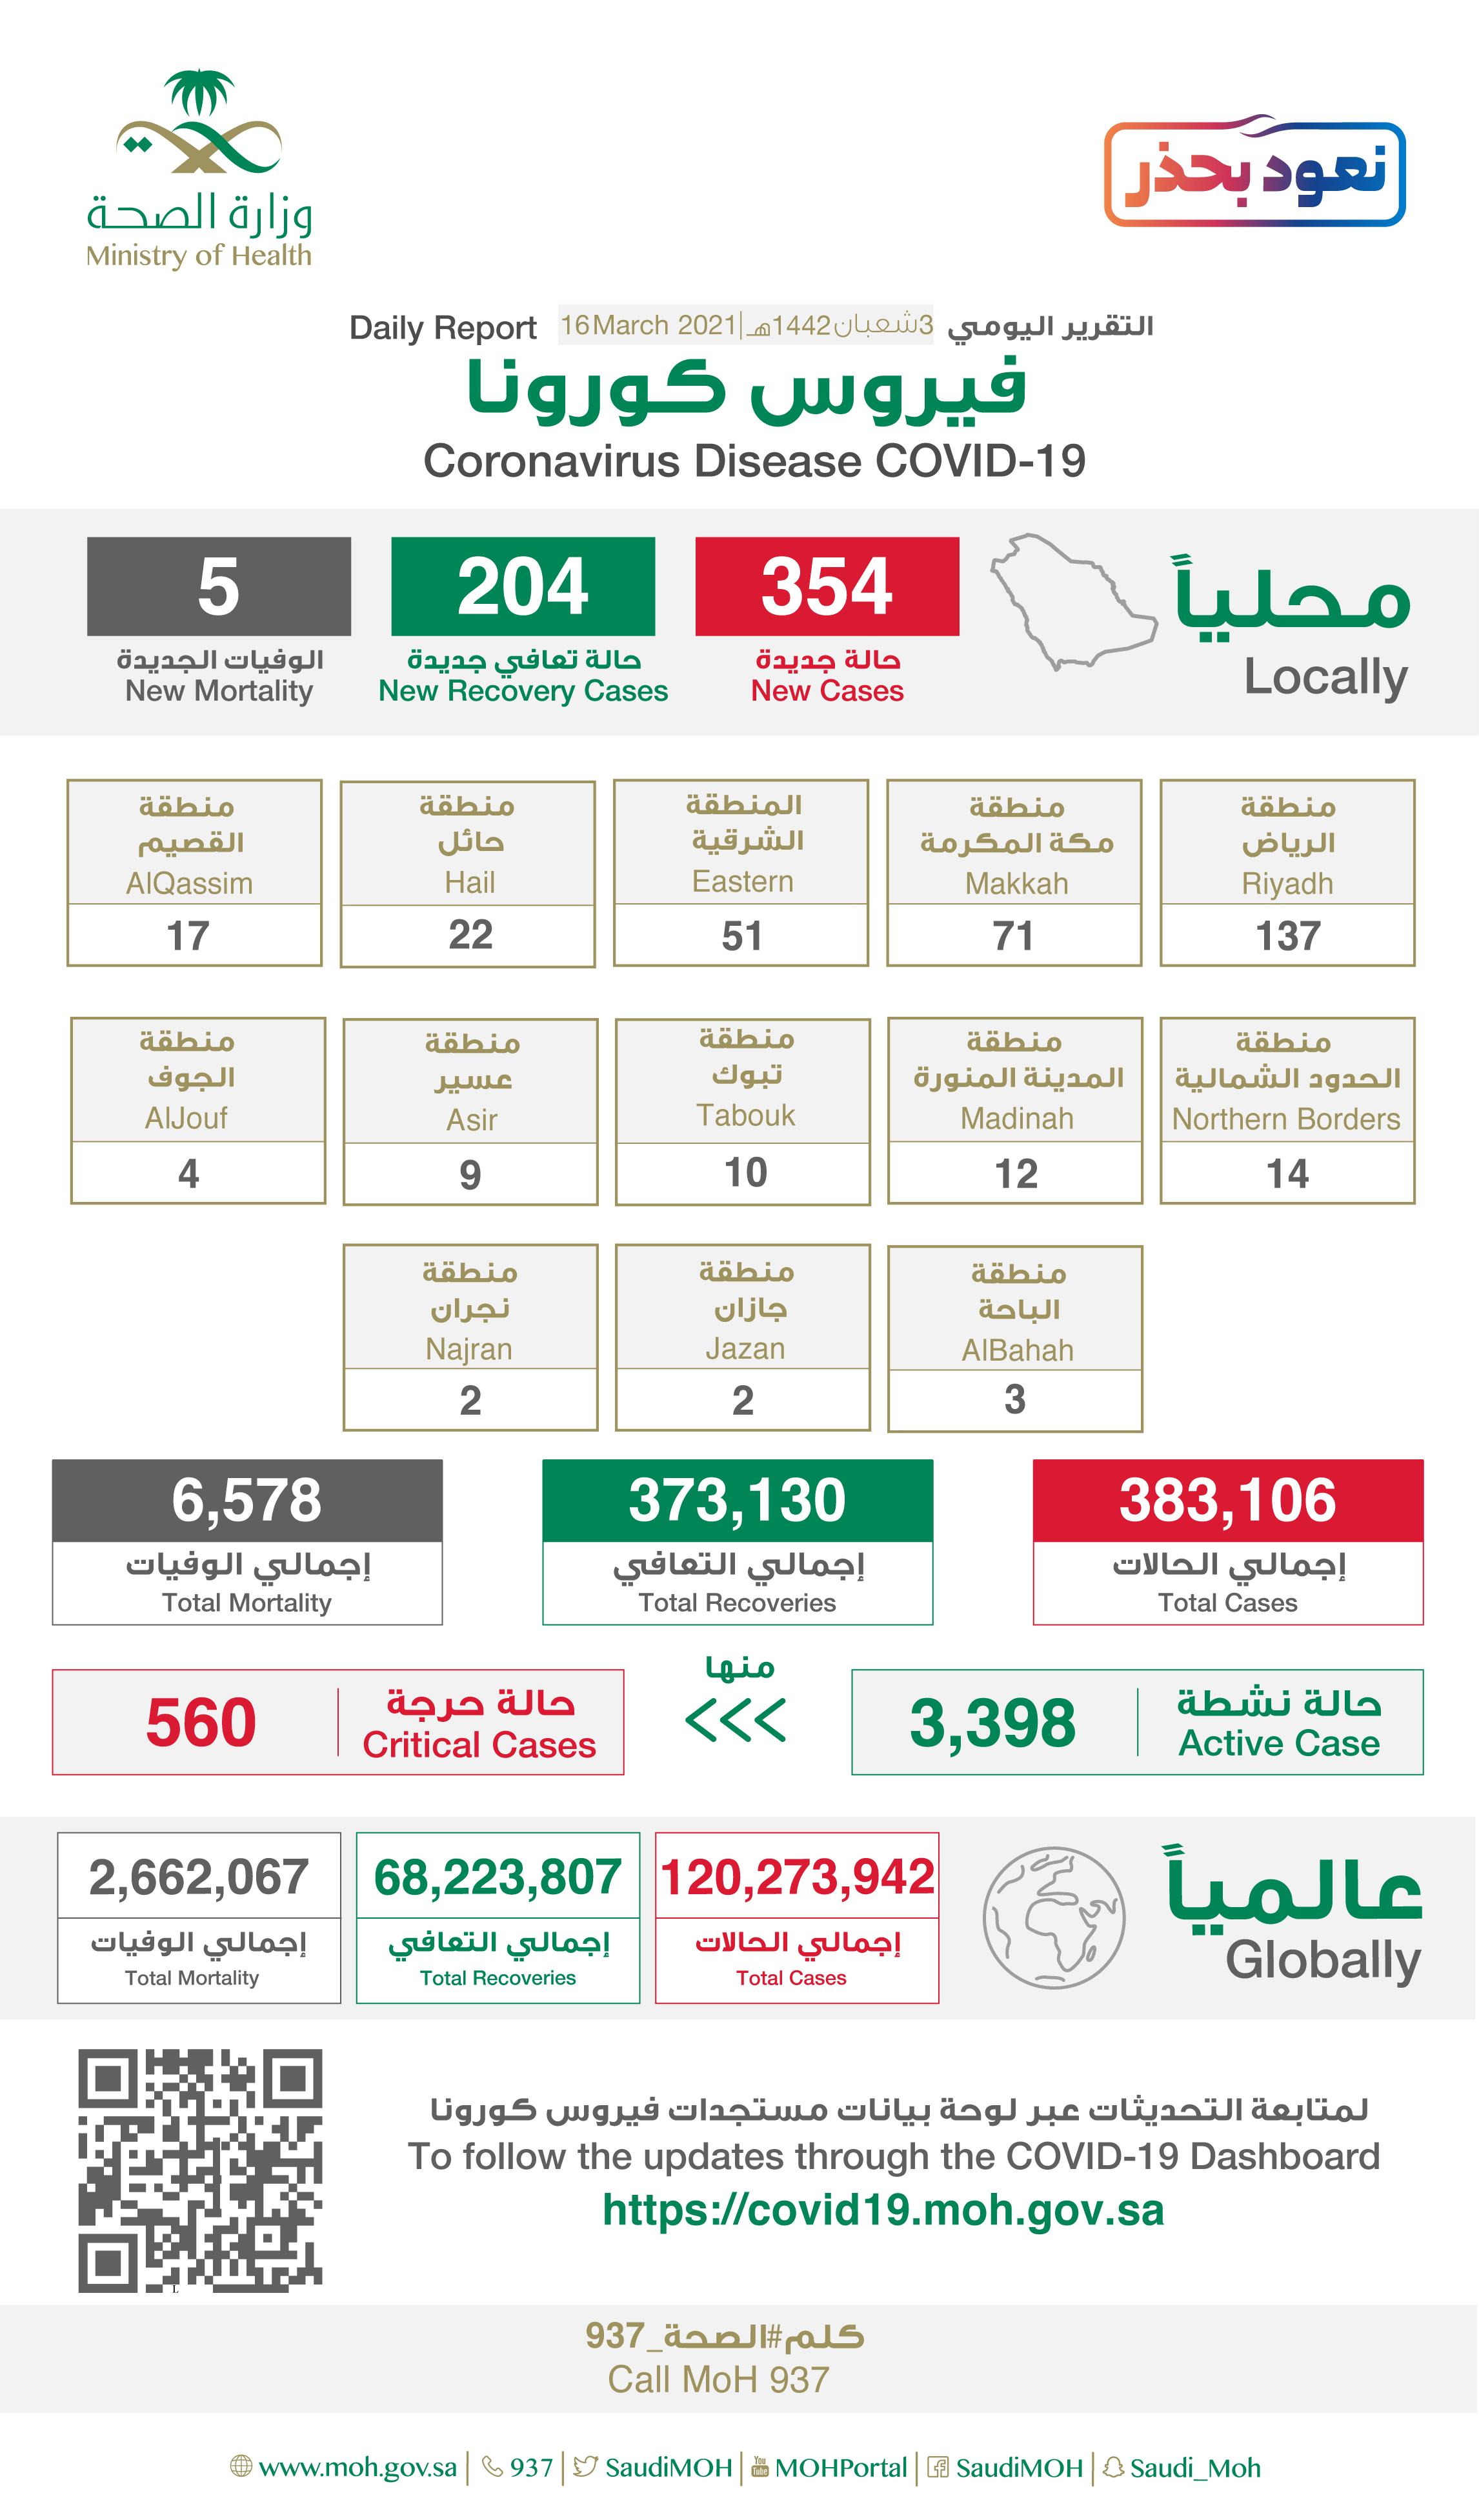 354 إصابة جديدة بفيروس كورونا في السعودية .. و 204 حالة شفاء و 5 وفيات